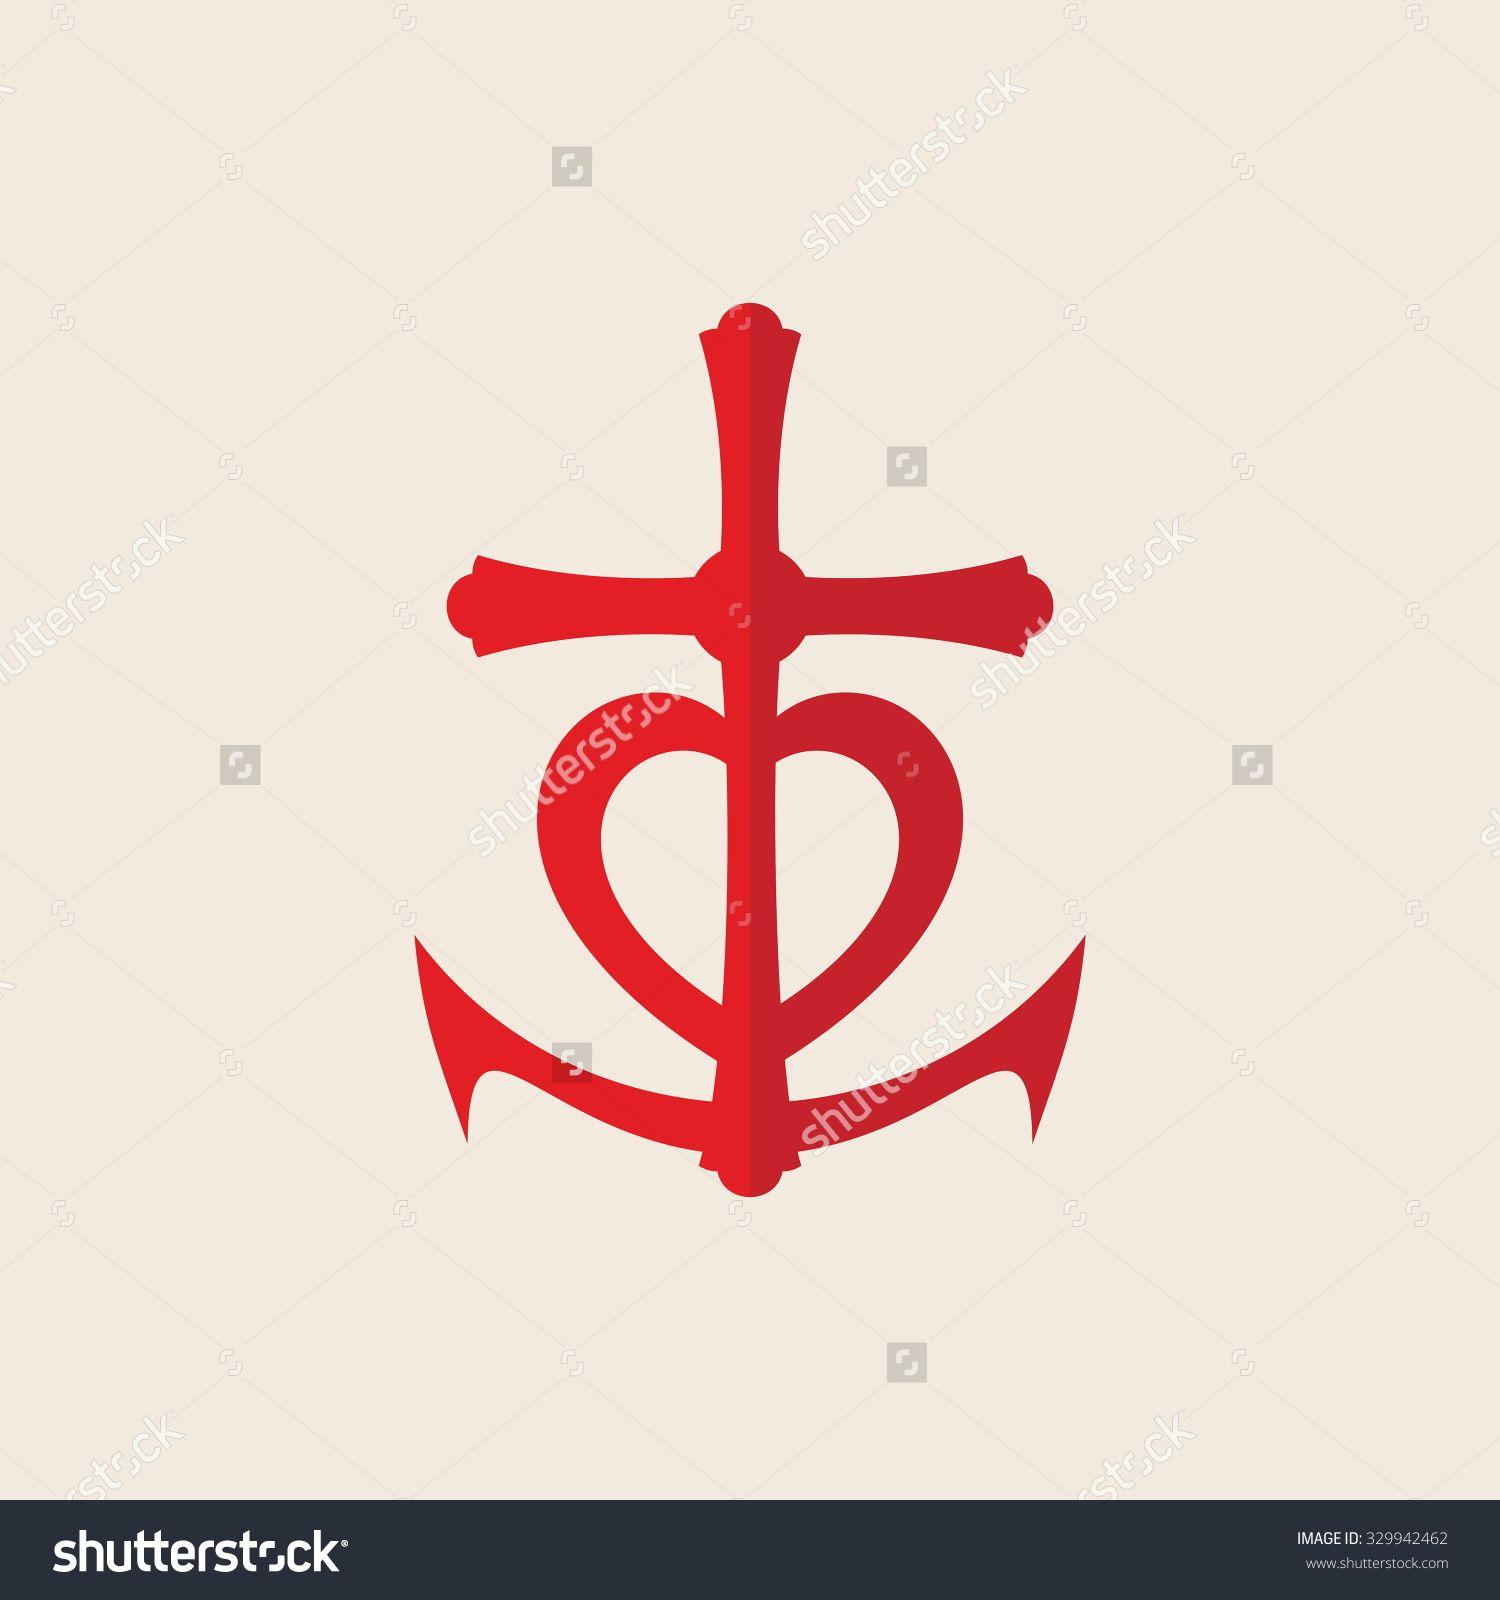 Faith love hope insignia symbol faith hope love stock - Faith love hope pictures ...